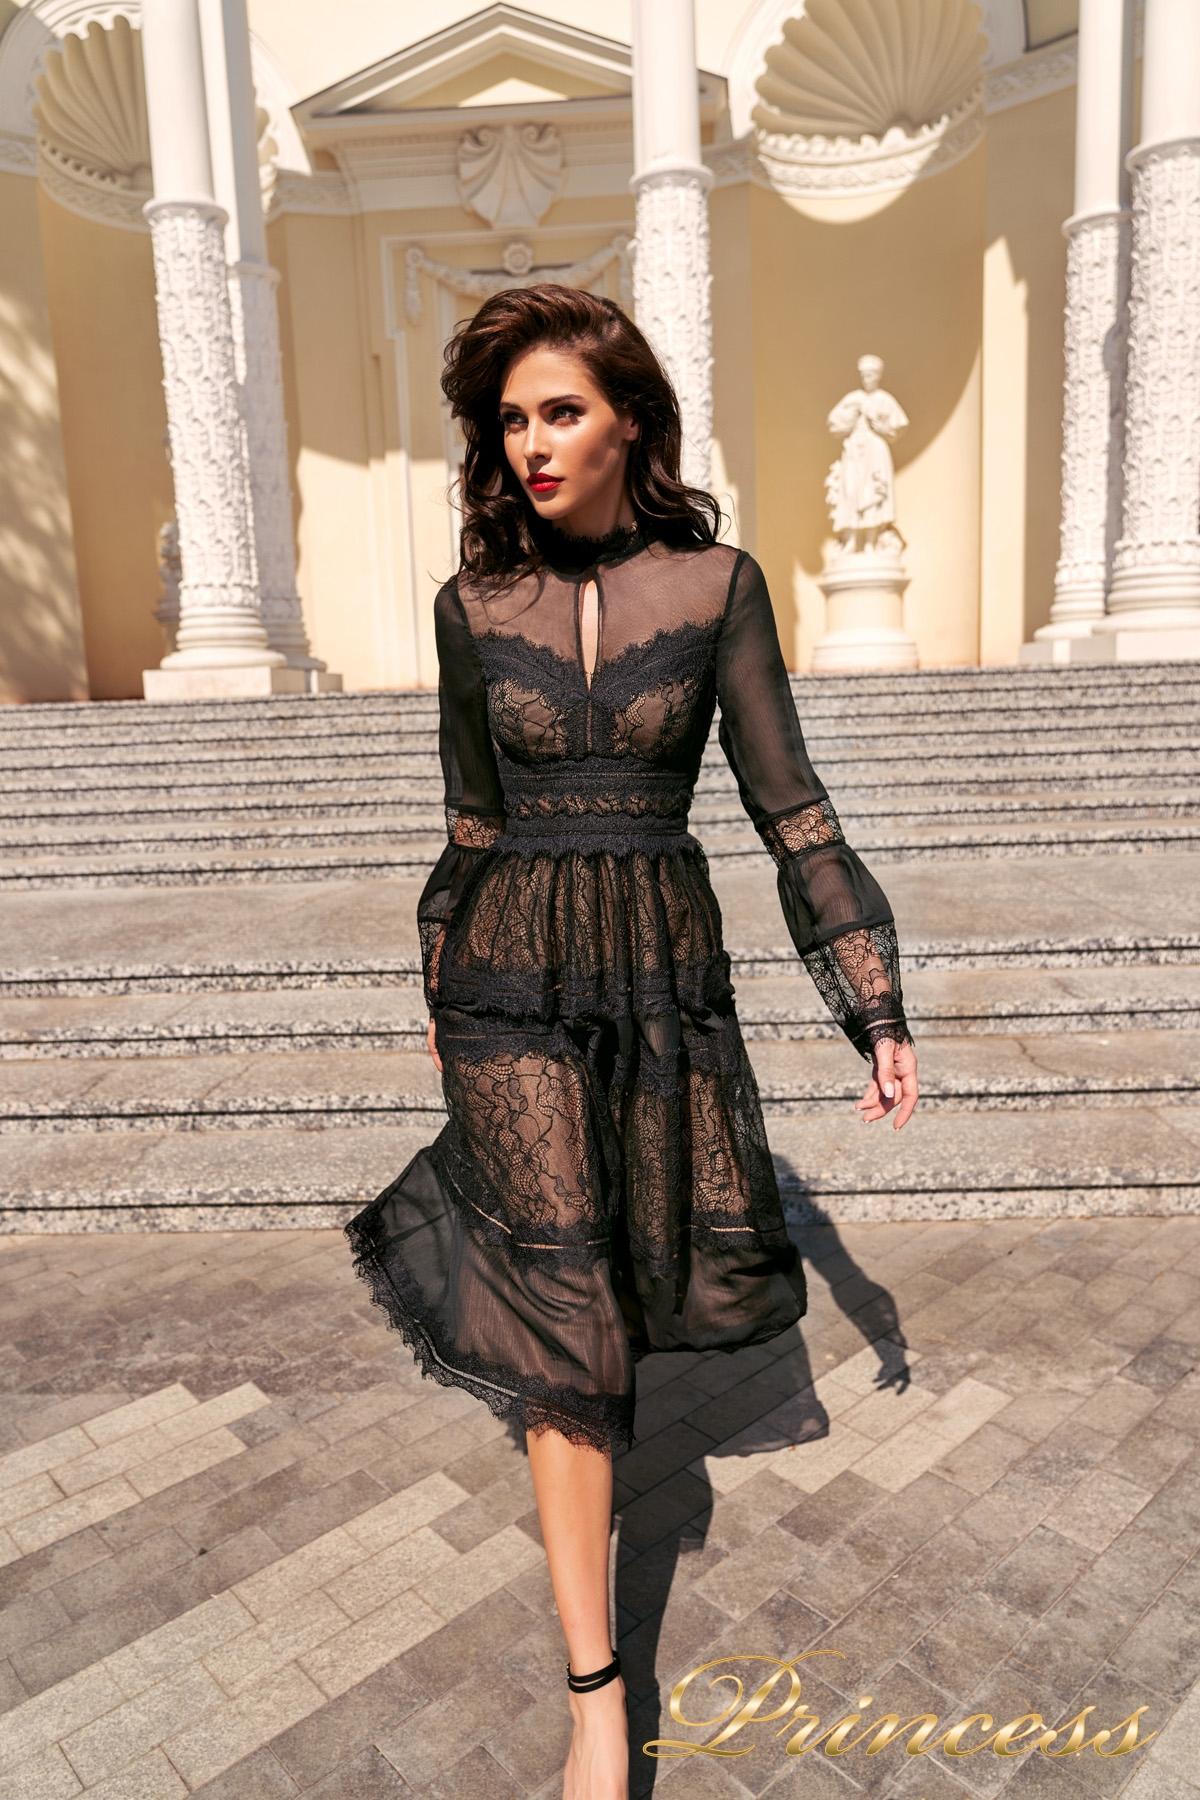 где купить коктейльное платье в москве отзывы